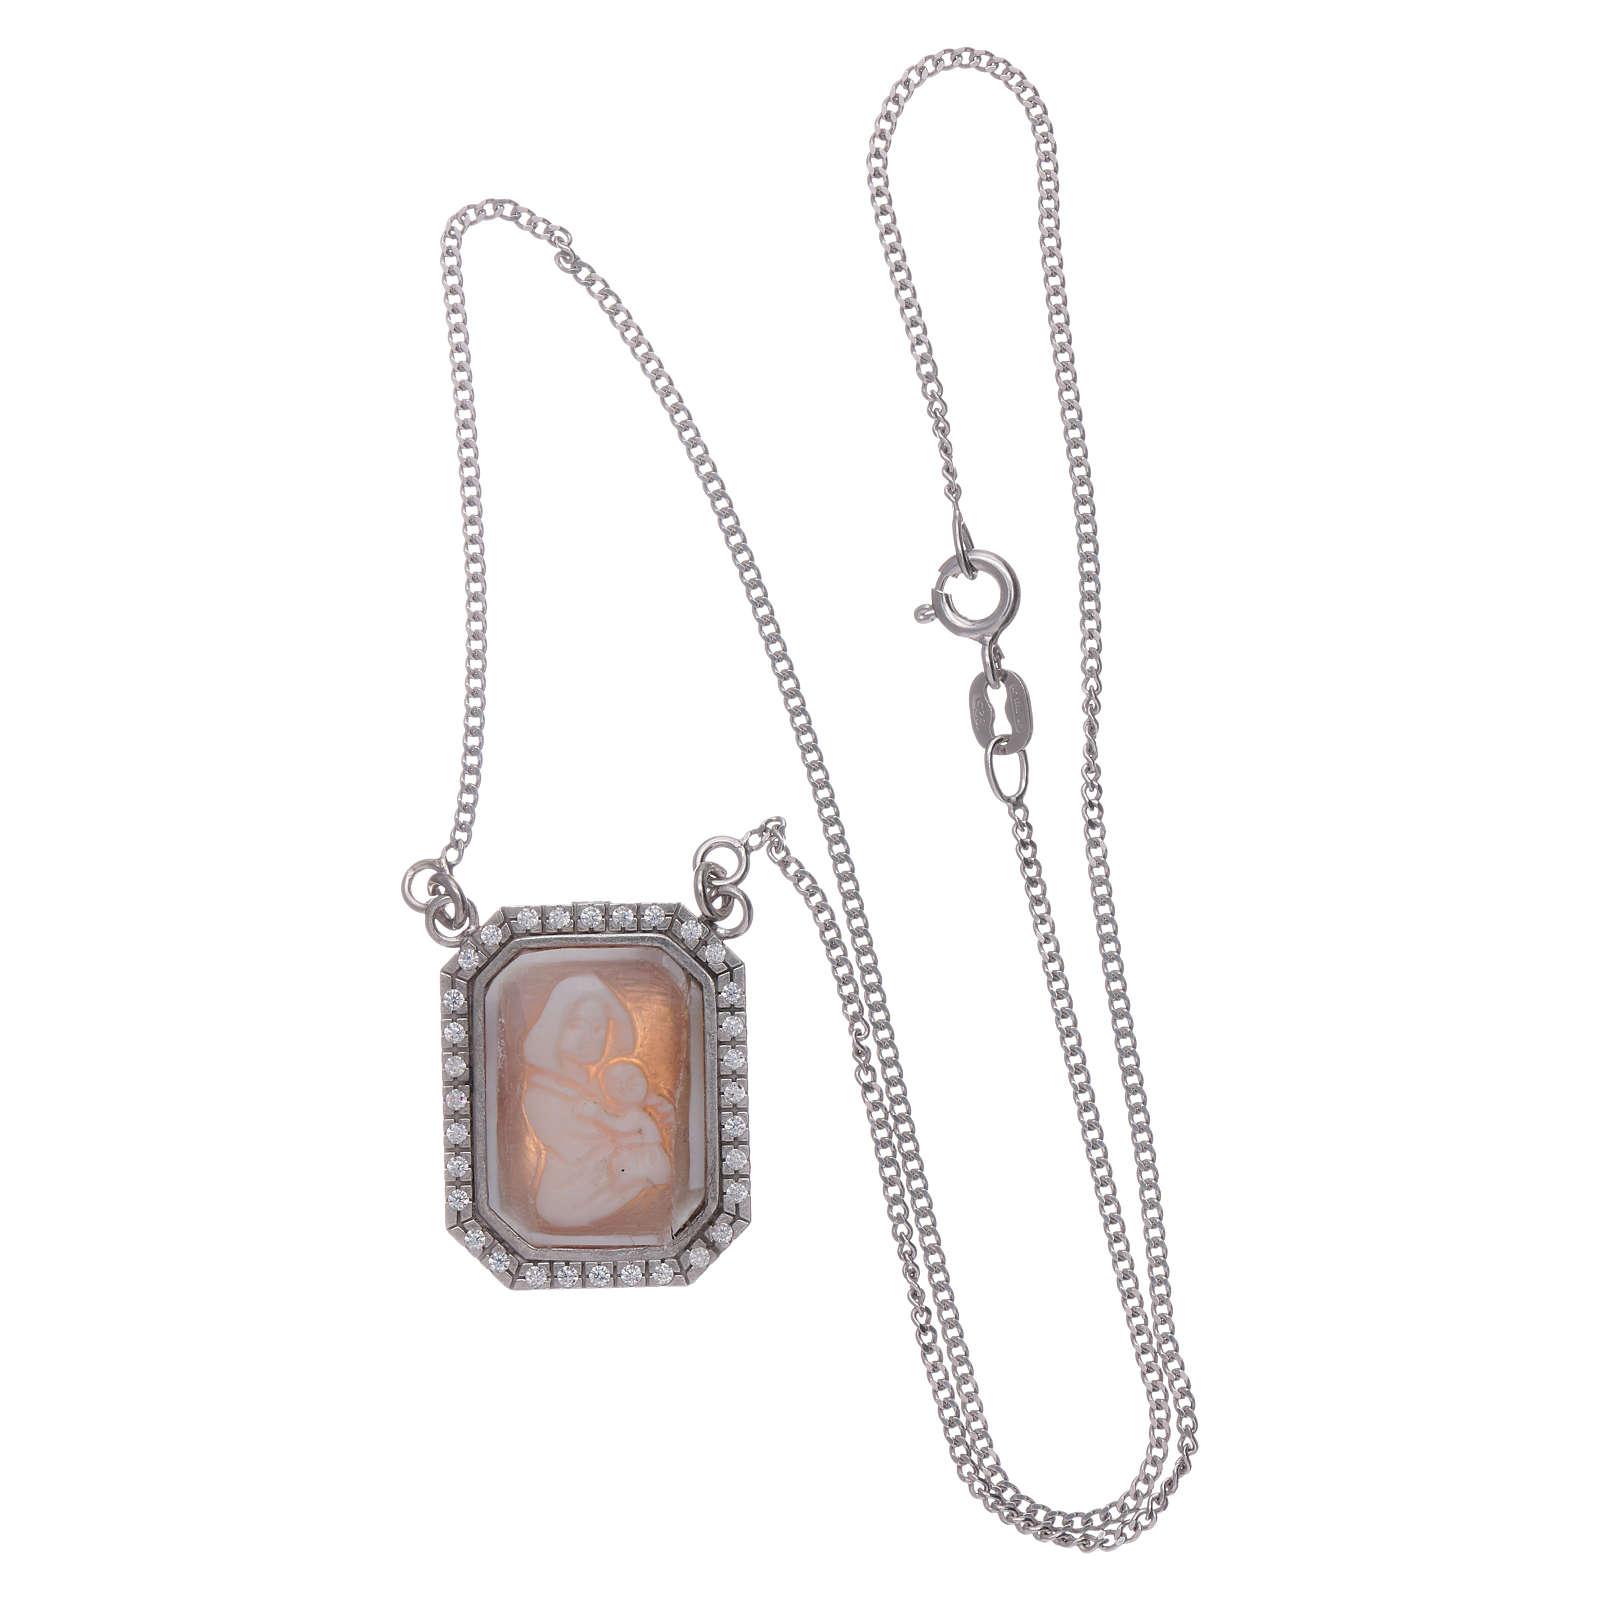 Girocollo in argento 925 con Madonna di Ferruzzi in cammeo e zirconi bianchi 4